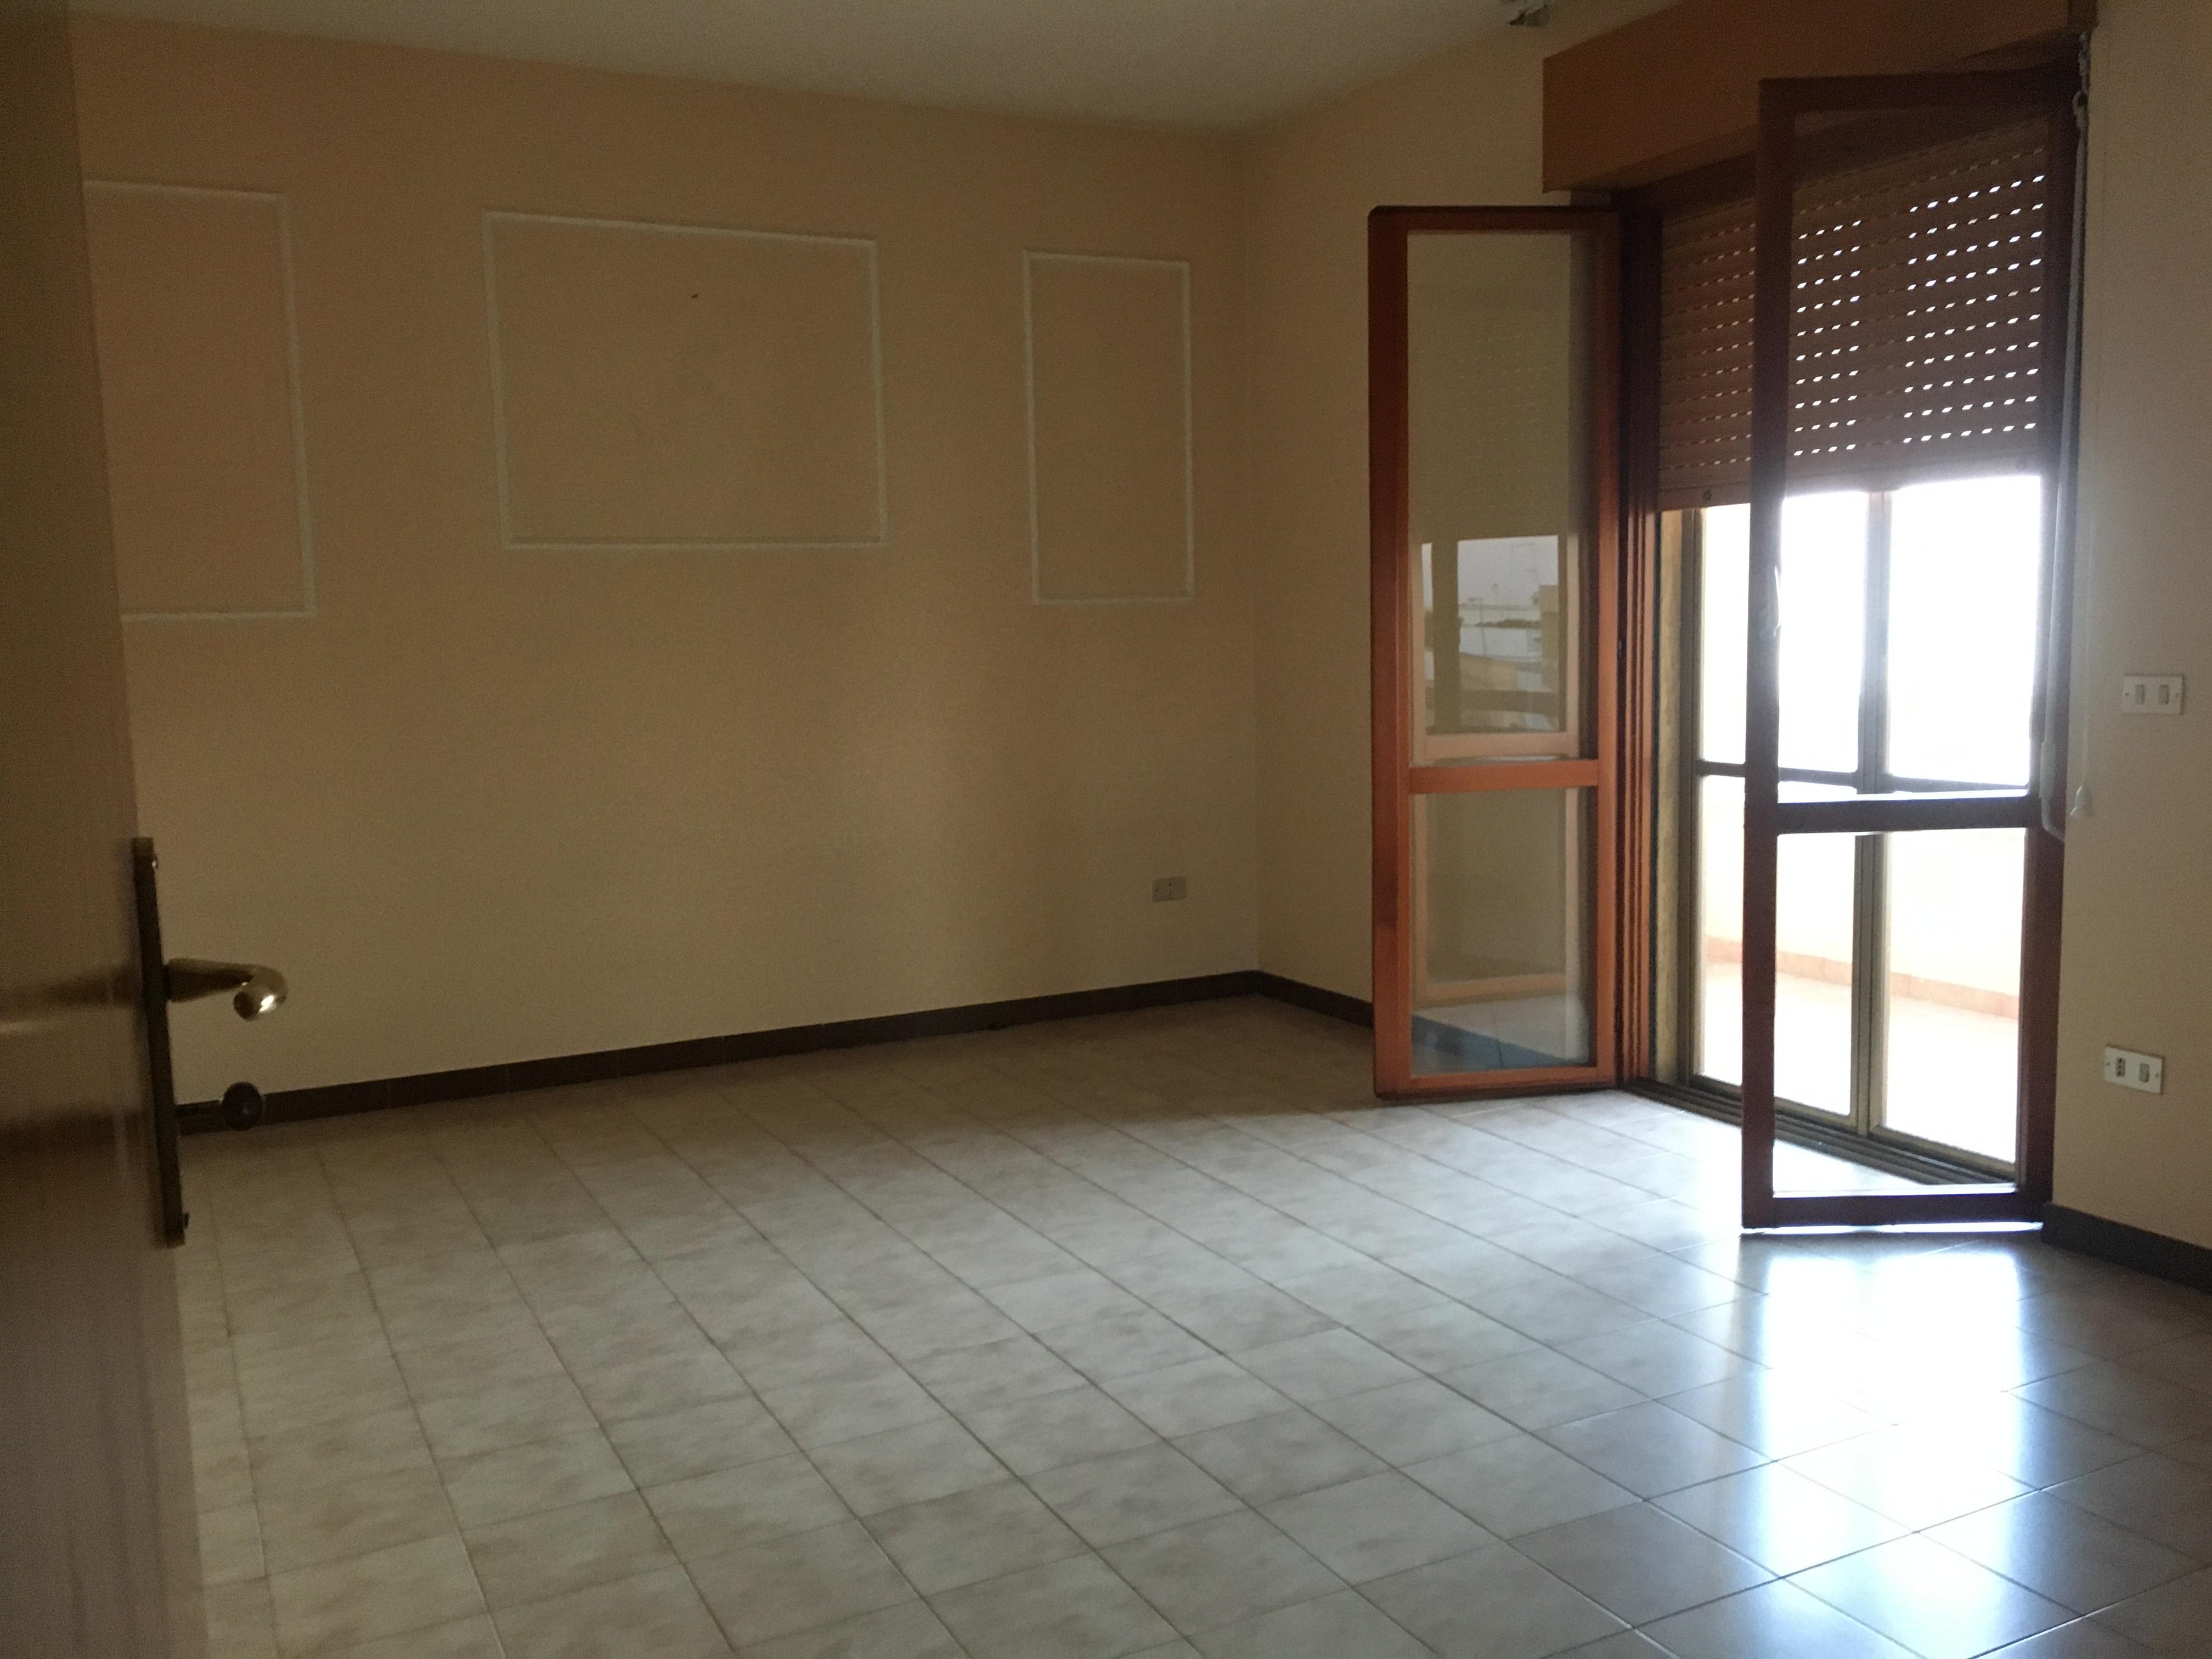 Appartamento 2° piano rif. 413